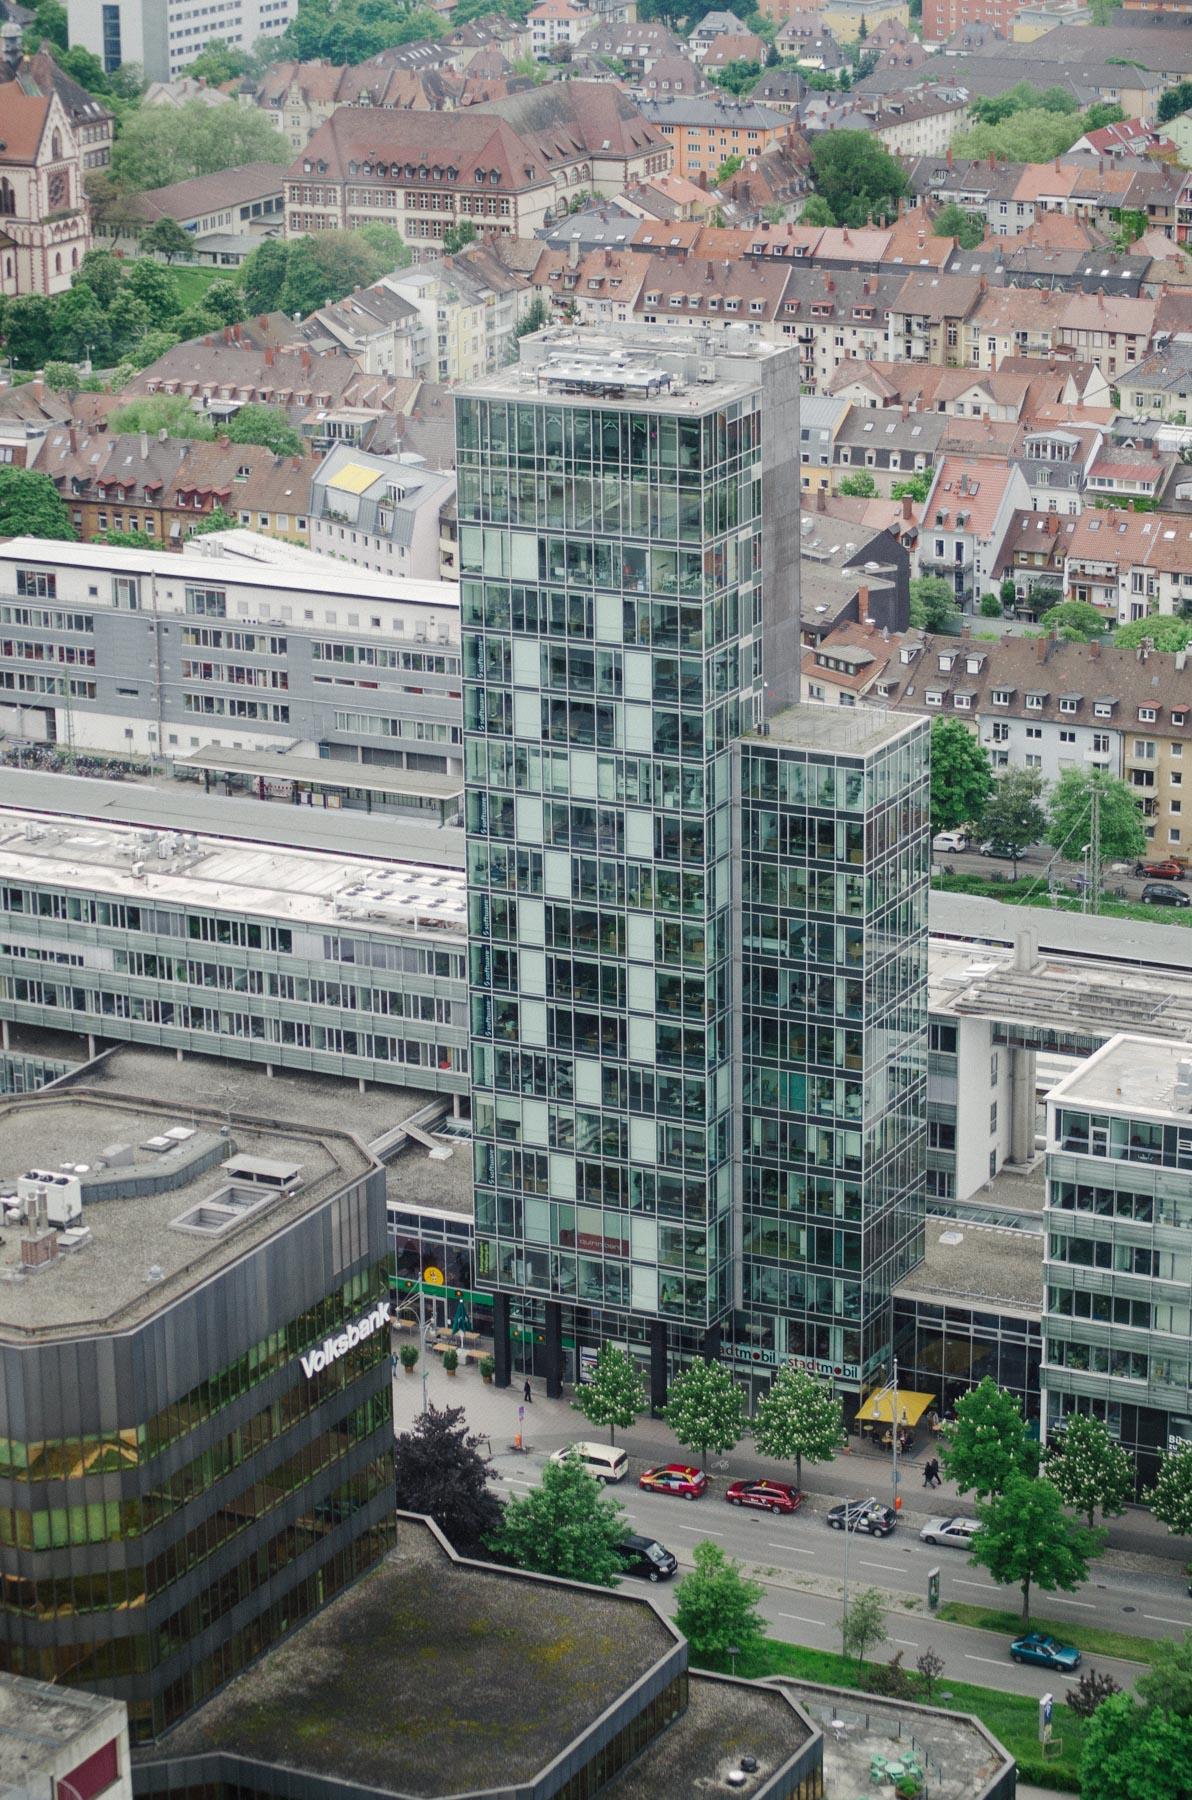 Luftansichten geben ein Gespür für das Umfeld der Immobilie.